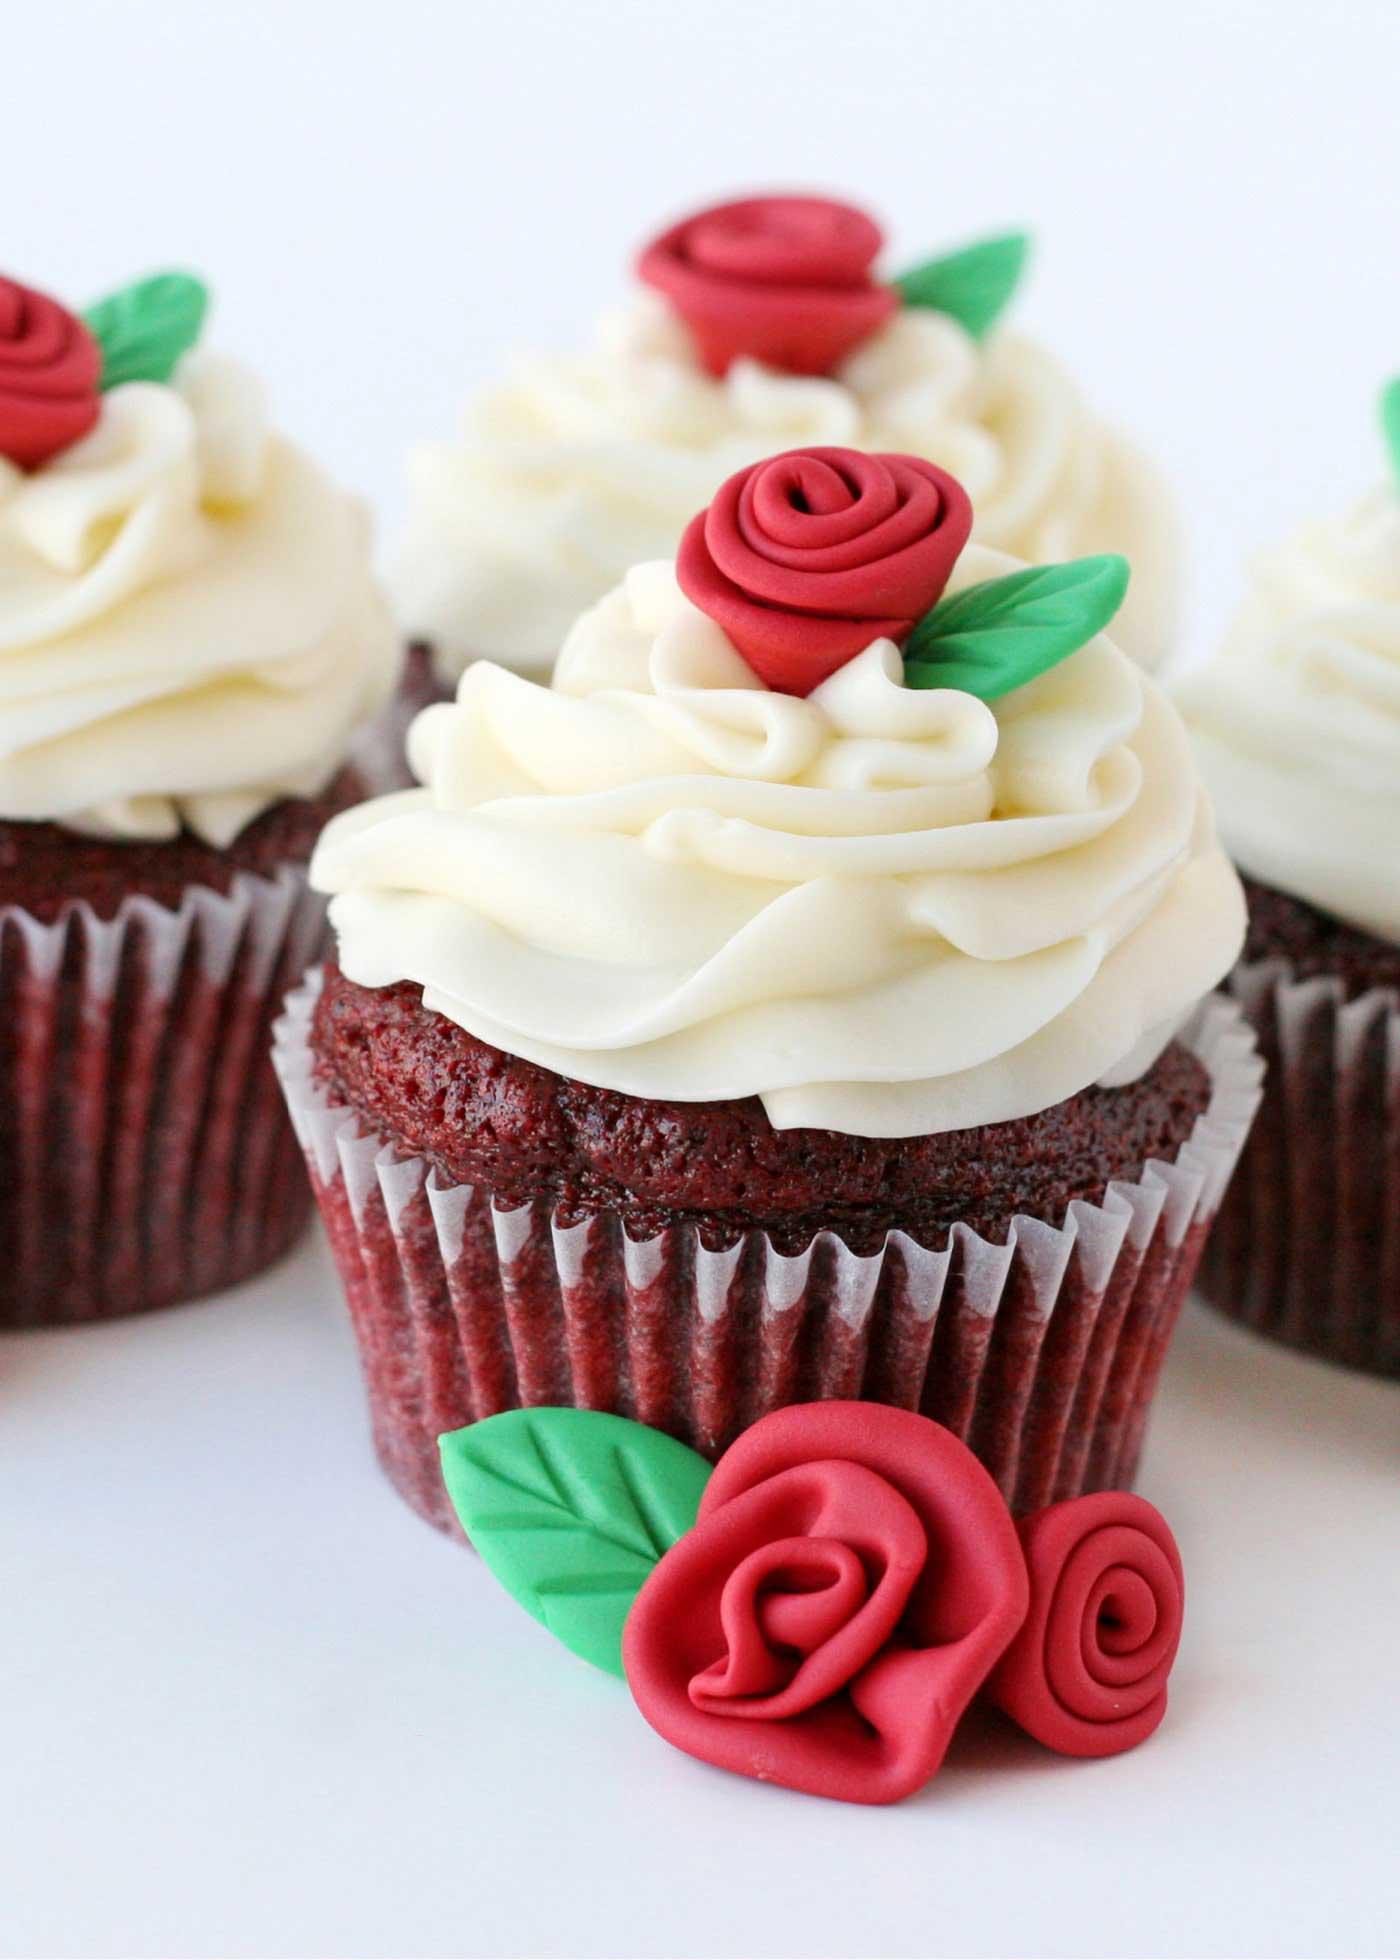 10 نکته درمورد پخت بهتر کاپ کیک